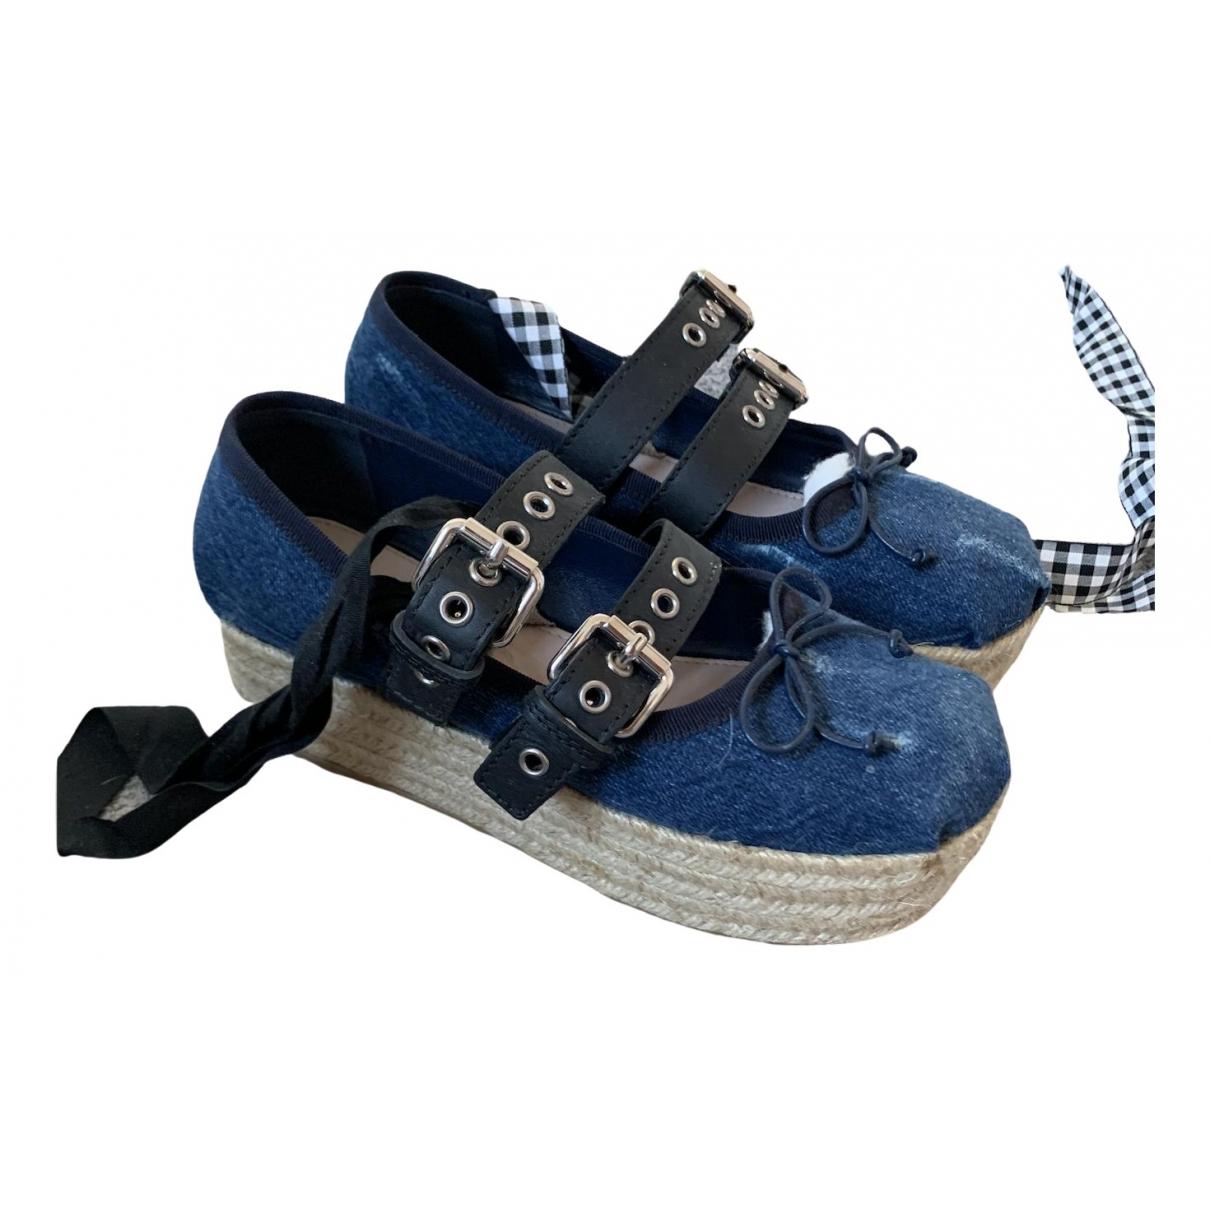 Miu Miu \N Blue Denim - Jeans Ballet flats for Women 36 EU